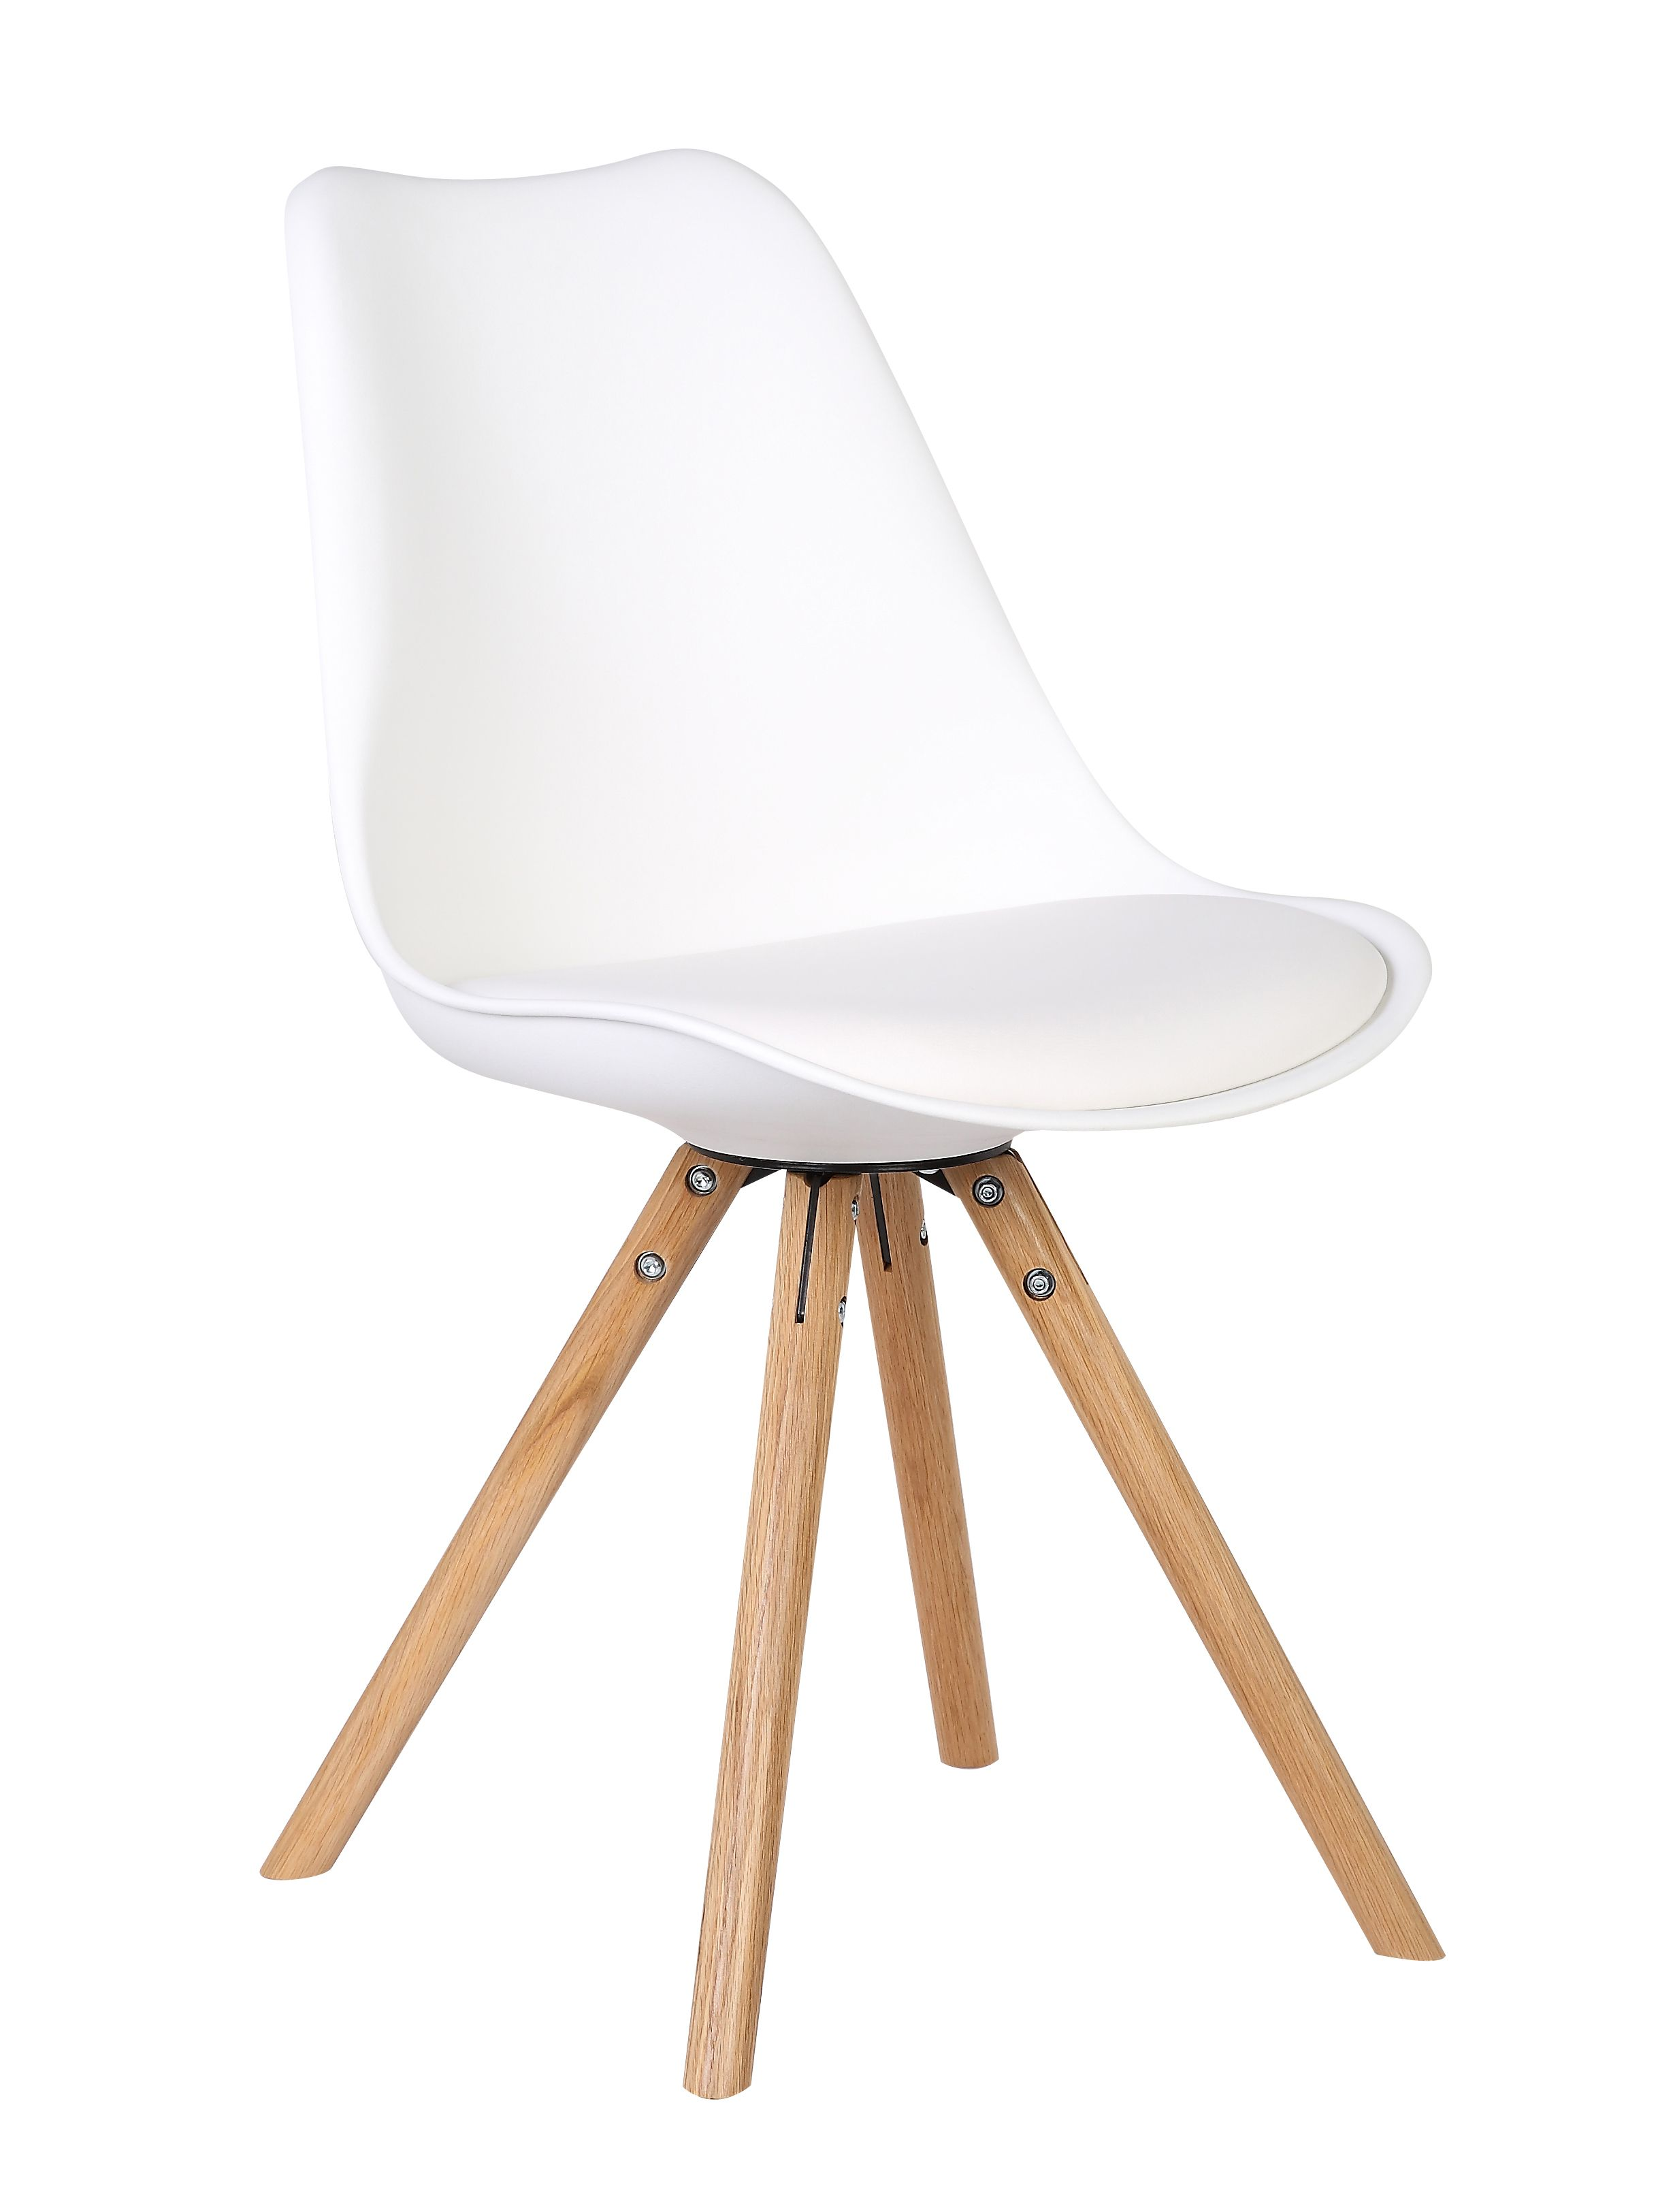 woody design stoel met kussen